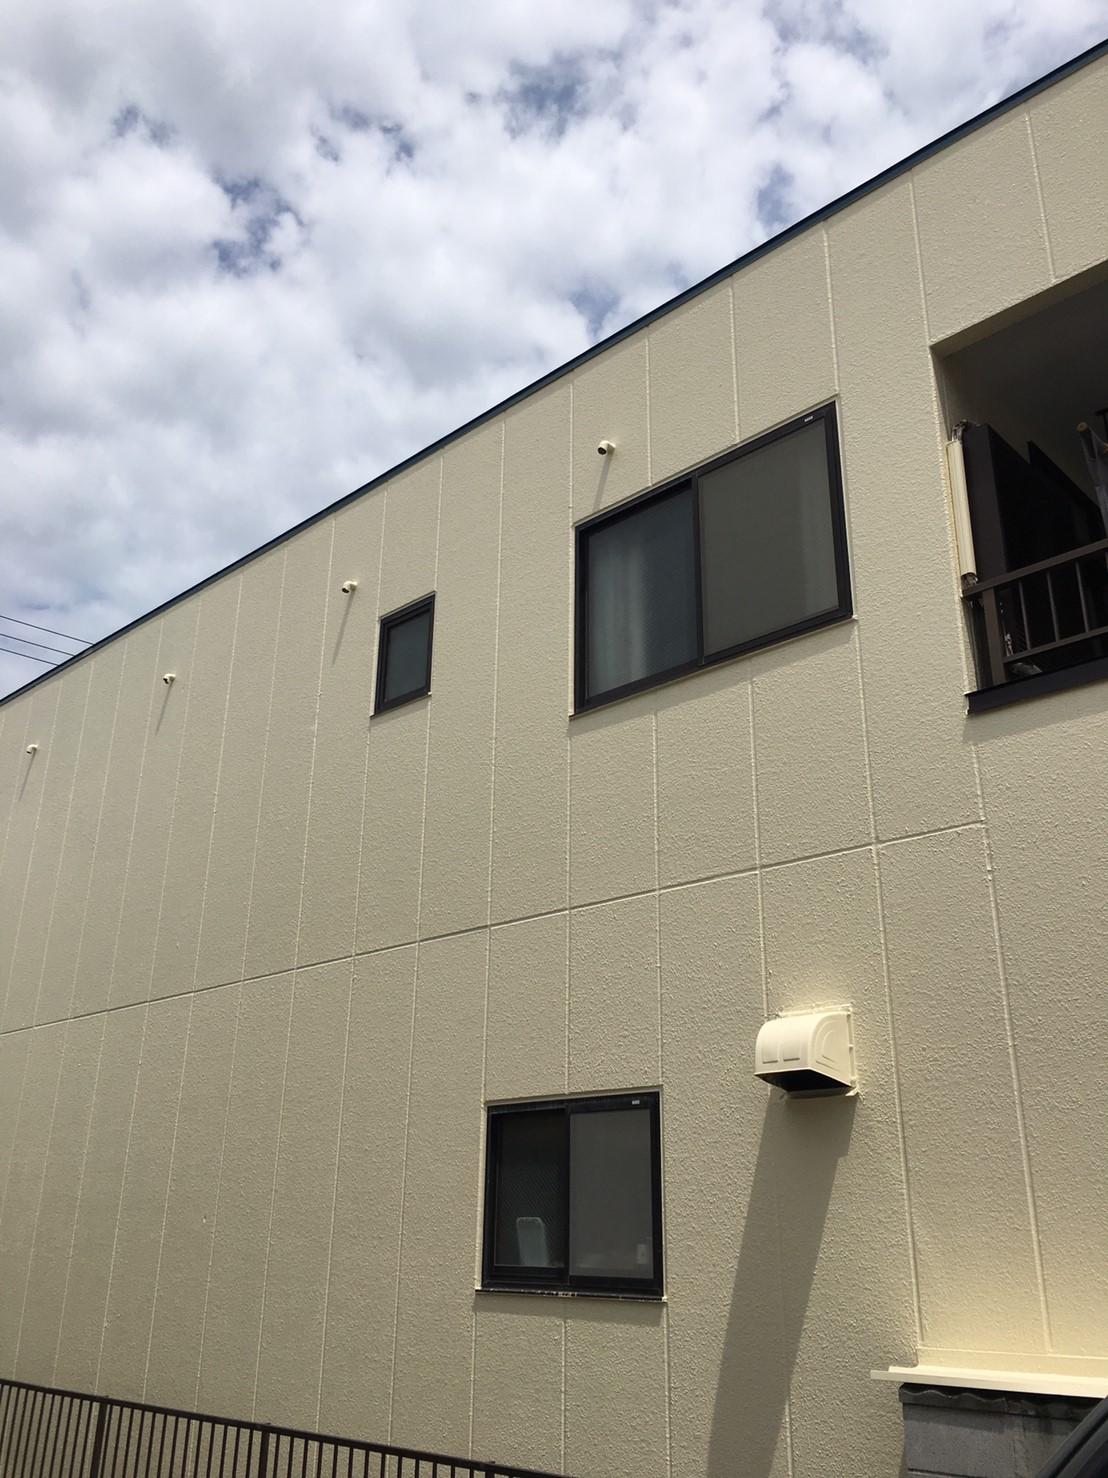 岐阜塗装センター施工実績写真 屋根・外壁塗装その他